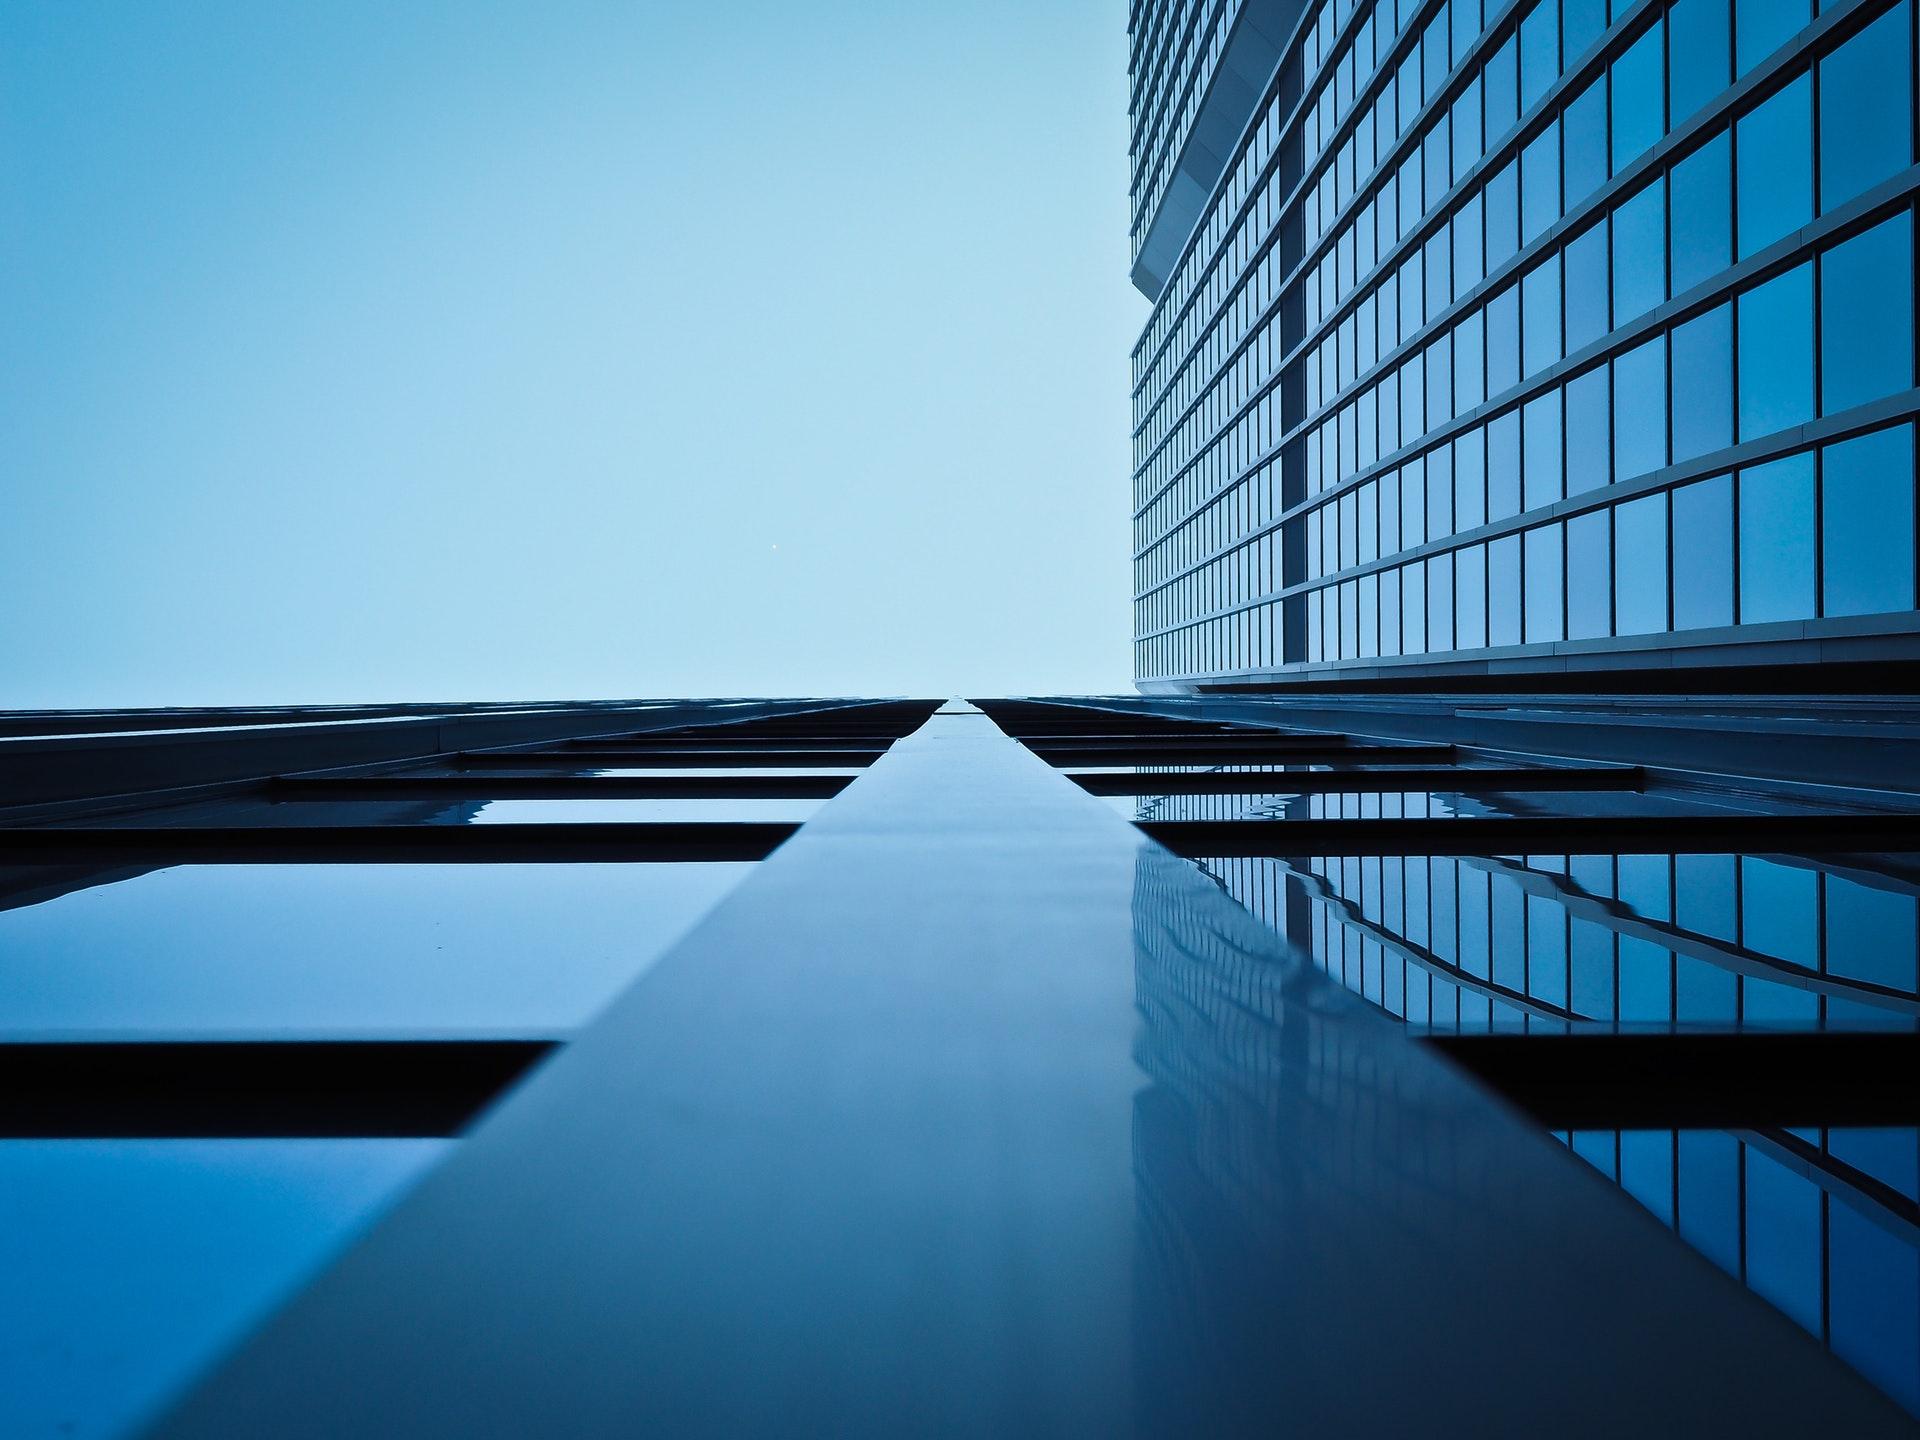 architecture-building-city-258160